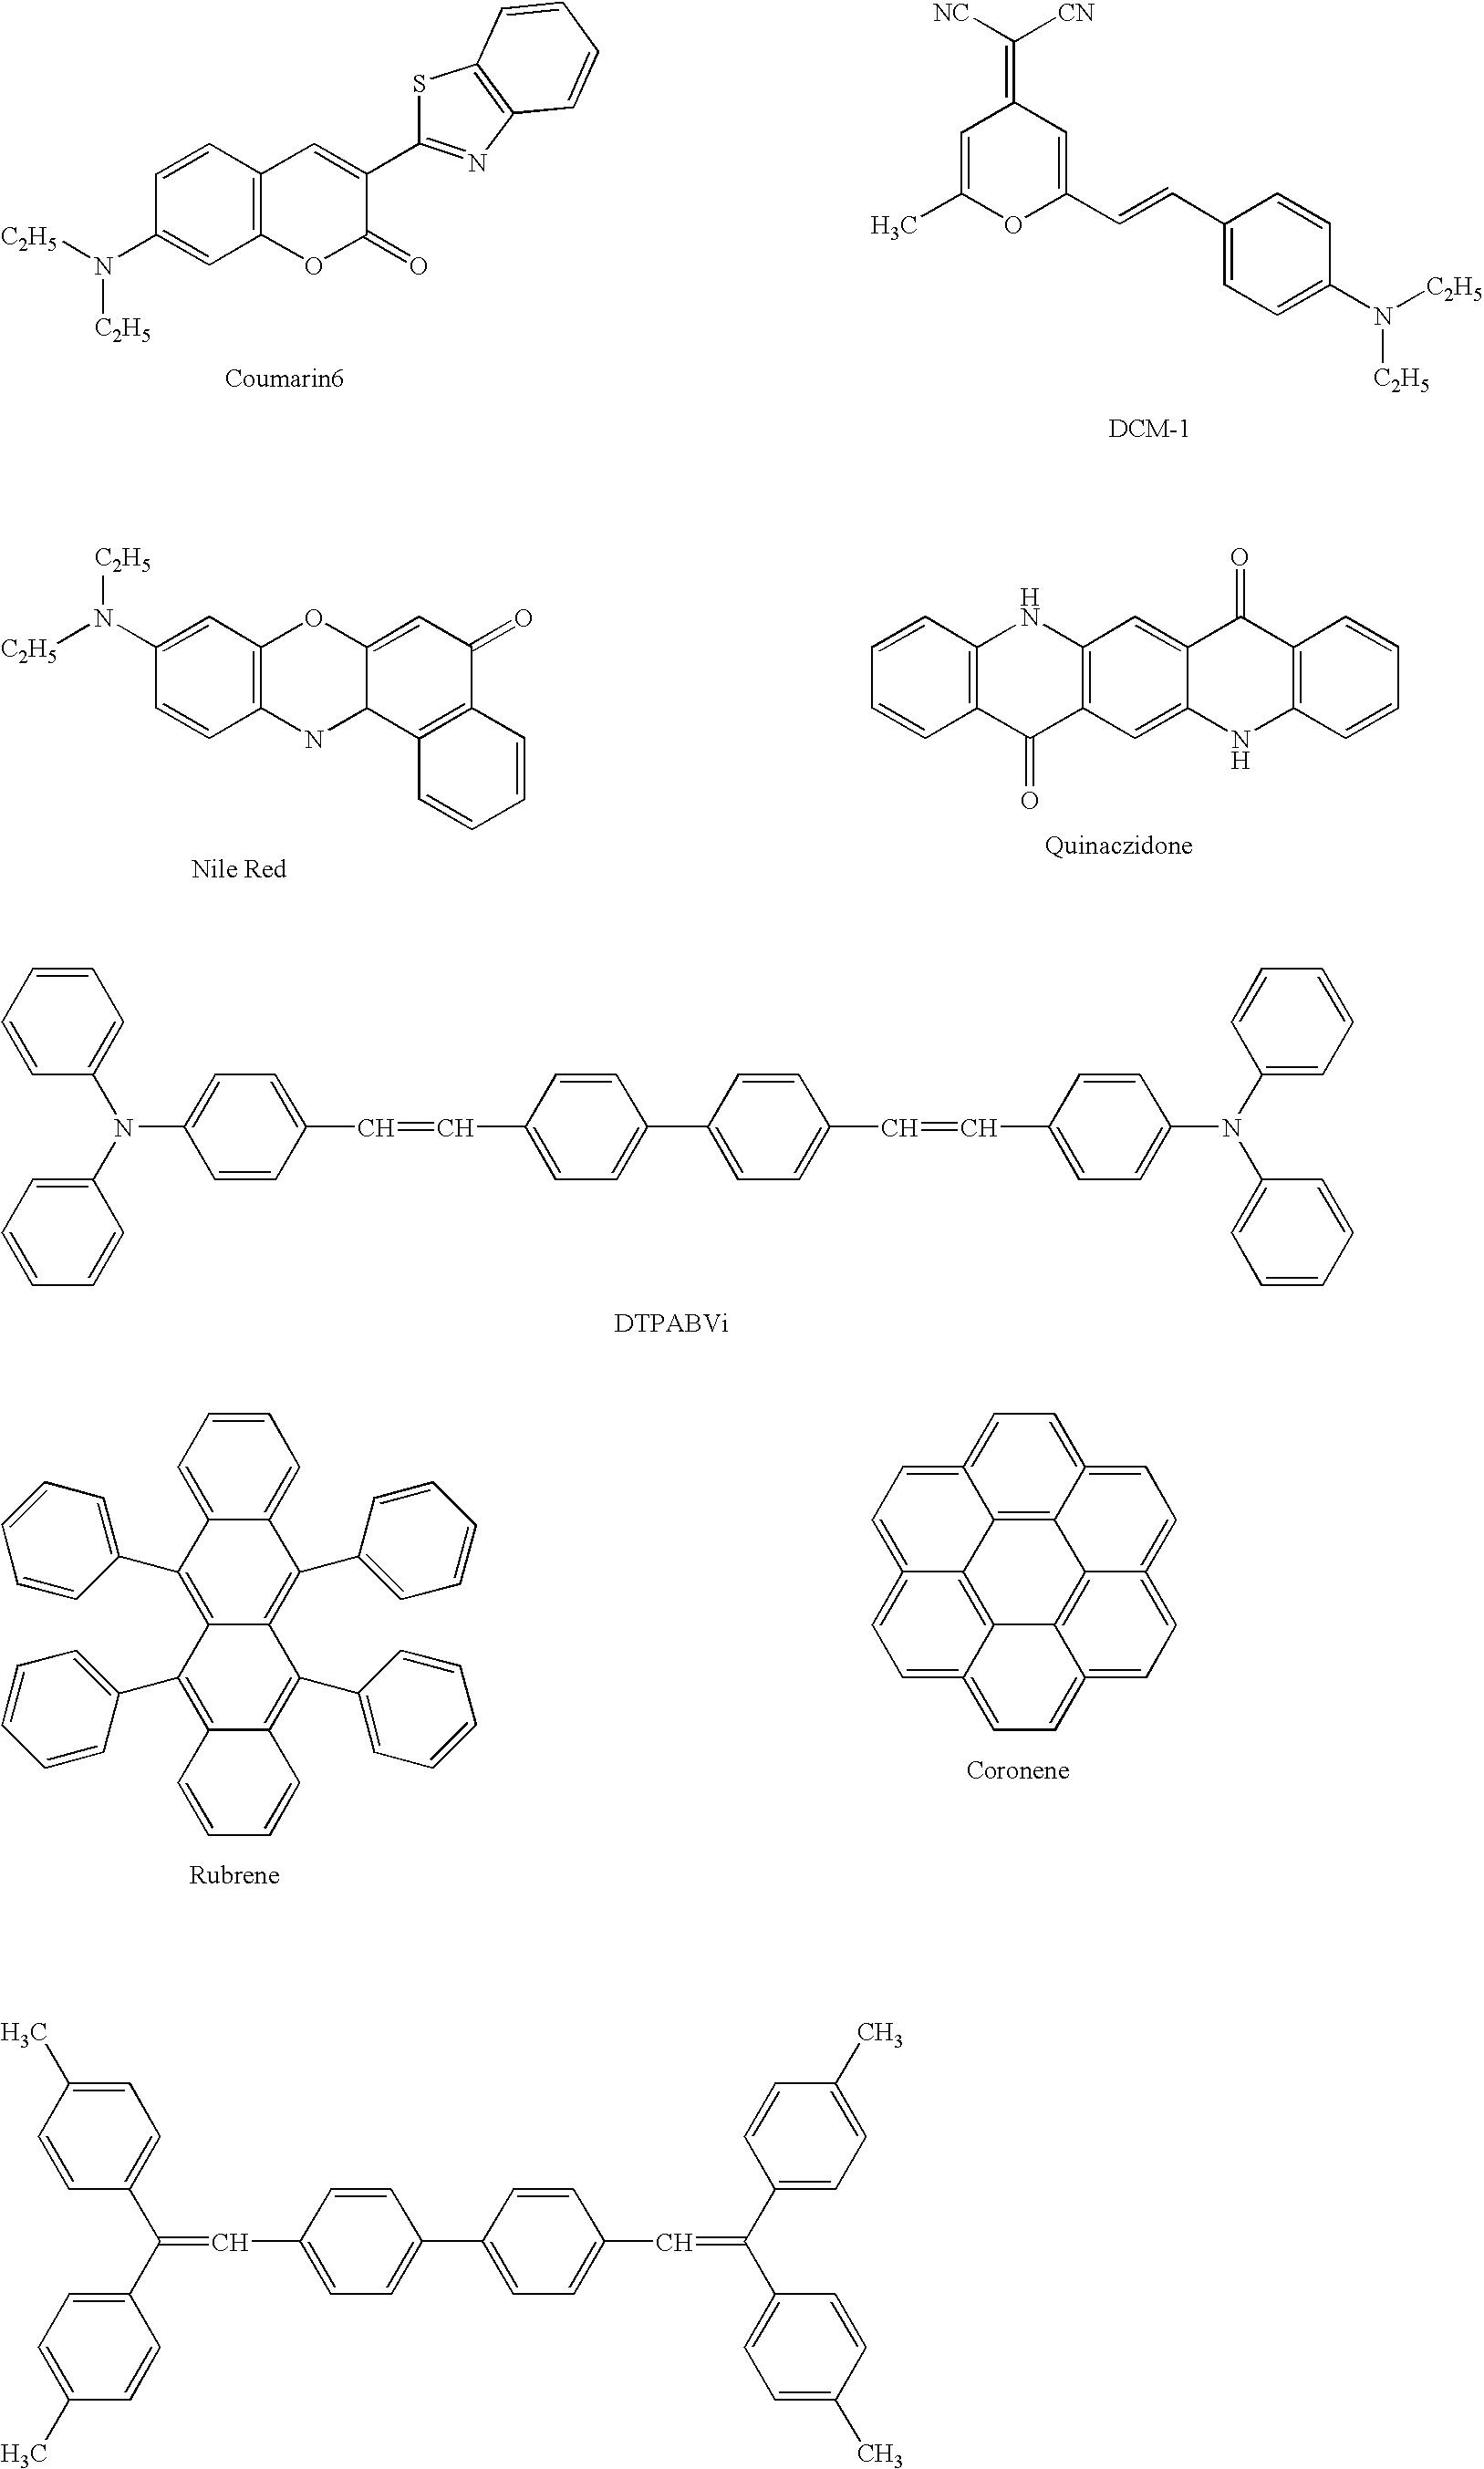 Figure US20070252141A1-20071101-C00014